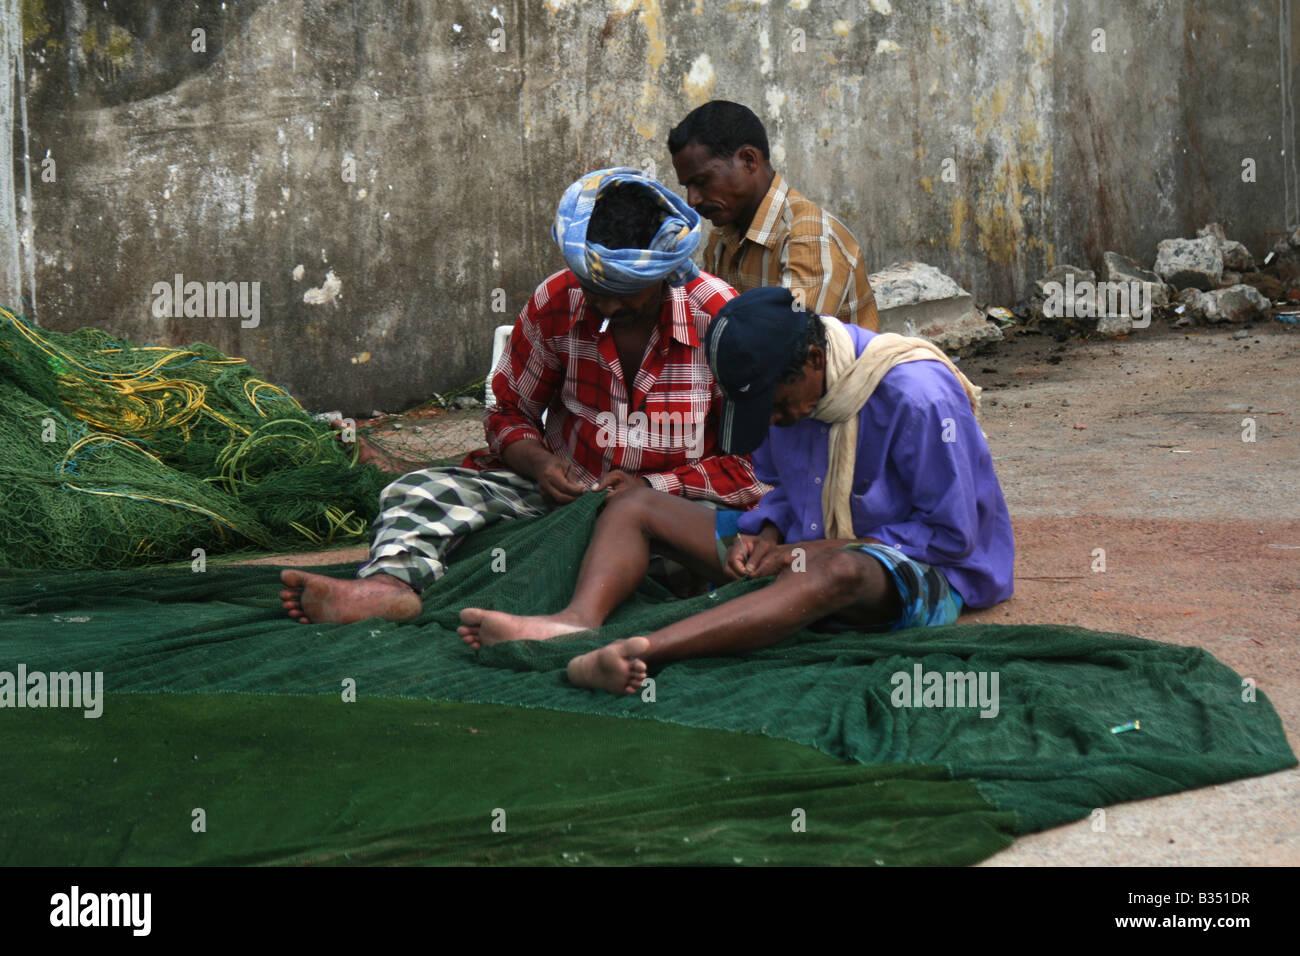 Immagine a colori di pescatori Tutina in rete di tessitura Immagini Stock